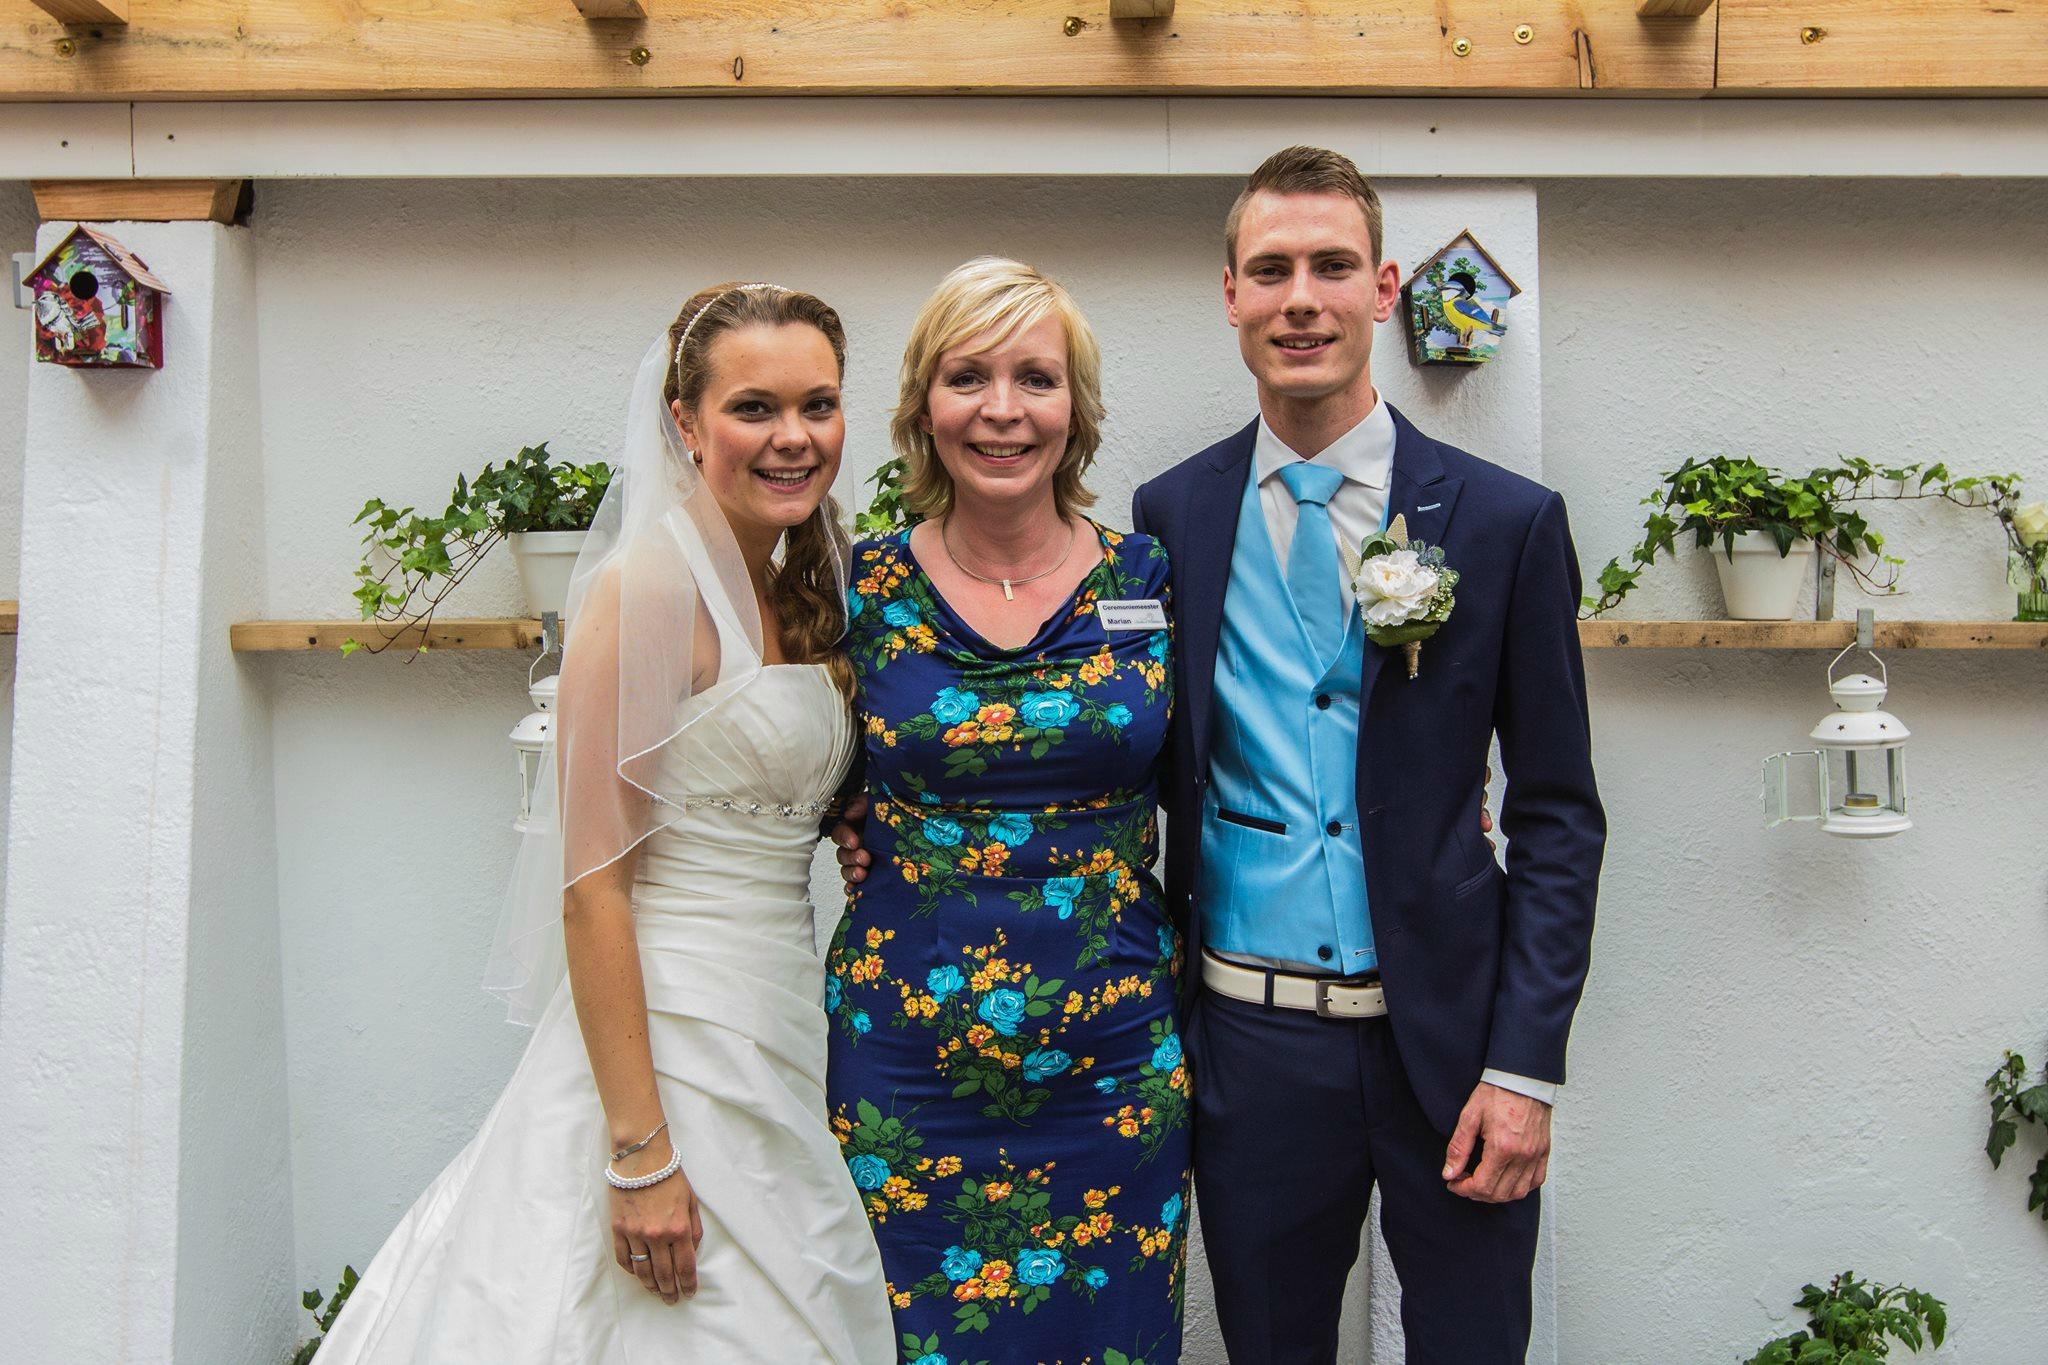 Bruidspaar met Marian Krook-Lievestro, weddingplanner Stralend Middelpunt, foto Bobby Regensburg